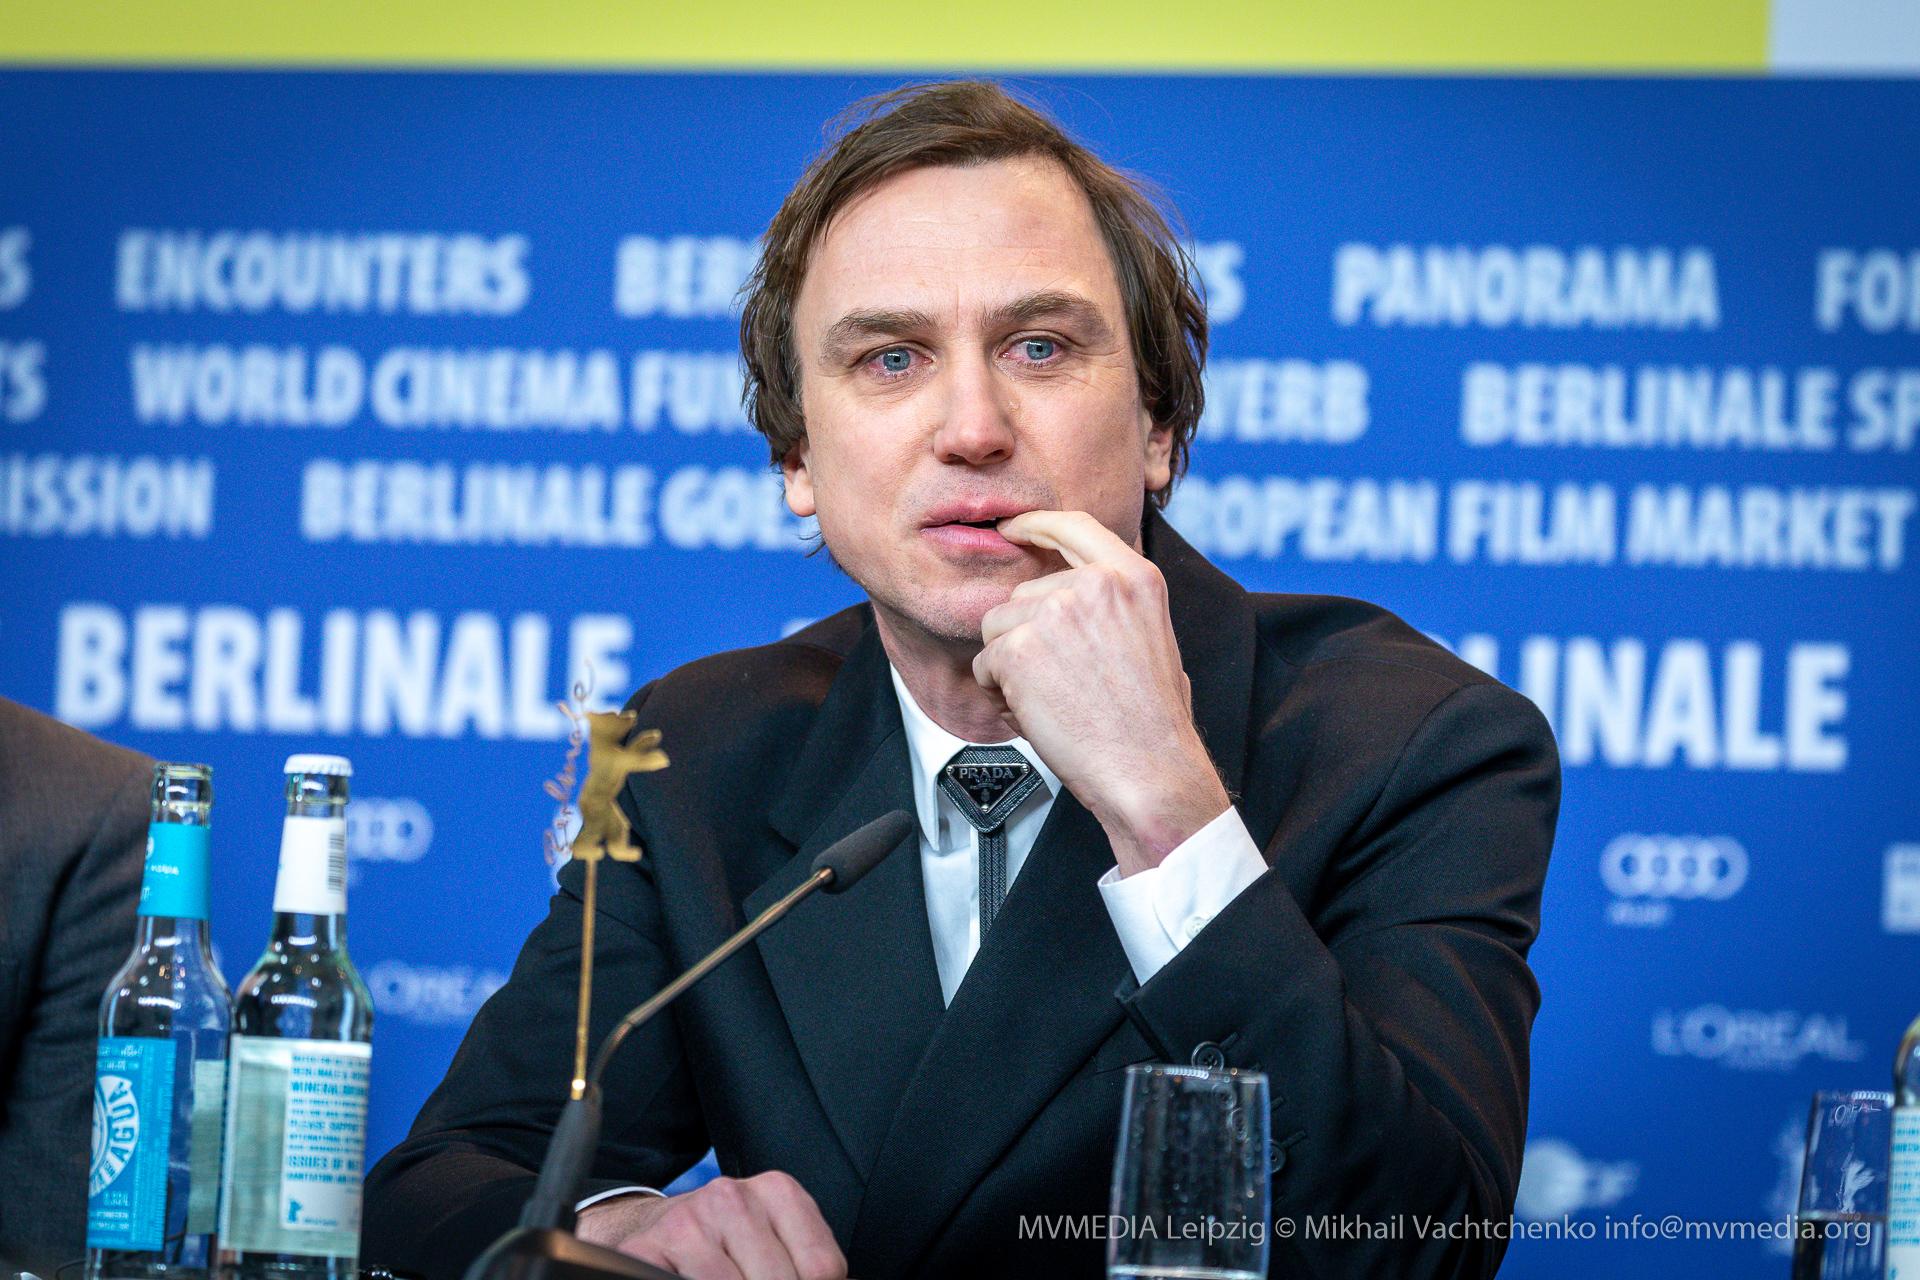 Lars Eidinger weint auf der Pressekonferenz Berlinale Persian Lessons